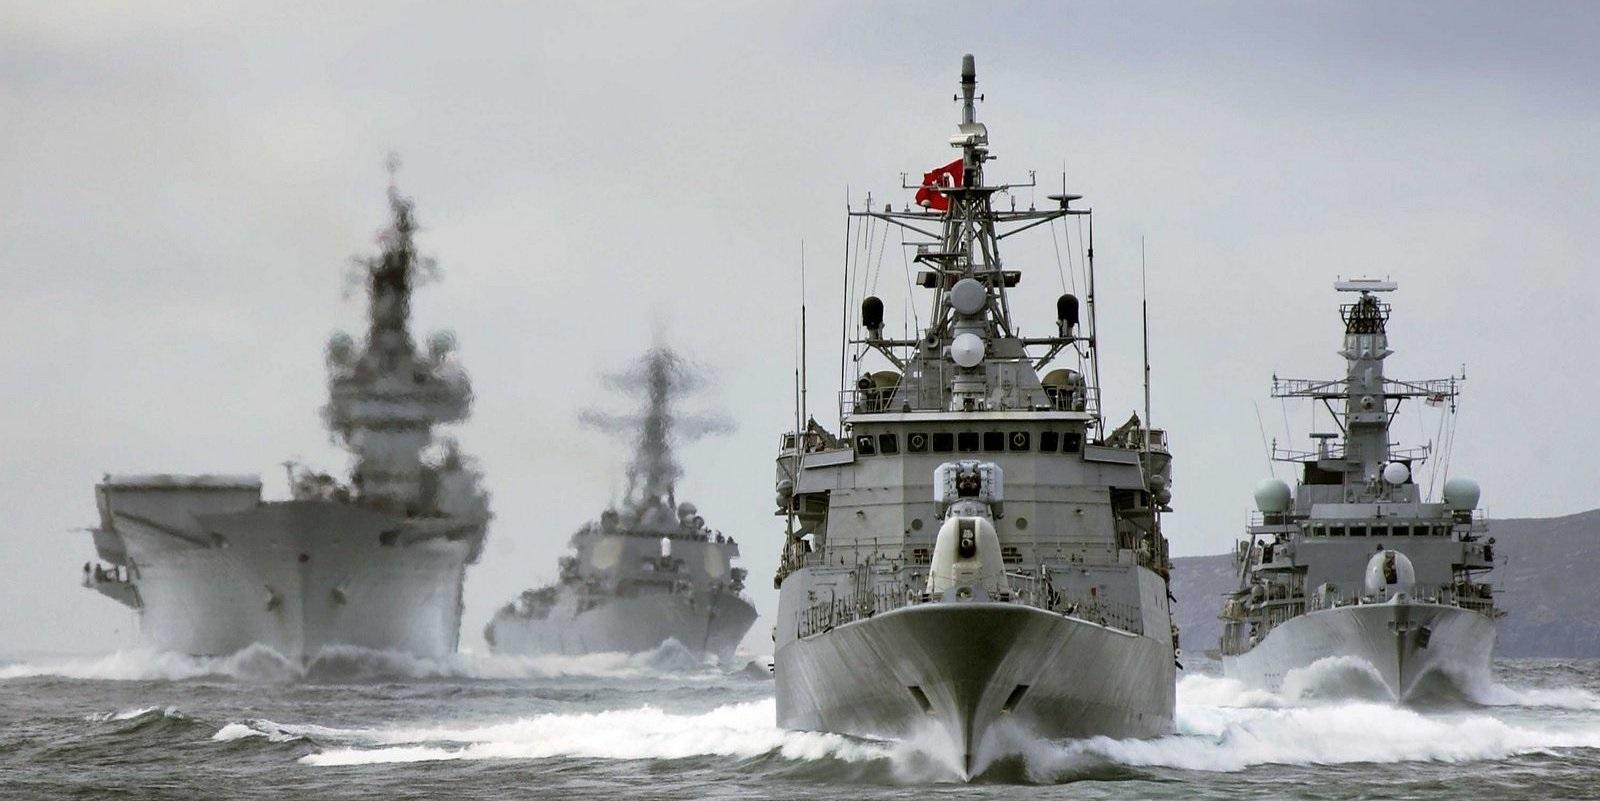 Ci siamo riusciti: è ufficiale la Turchia si è installata militarmente in Libia